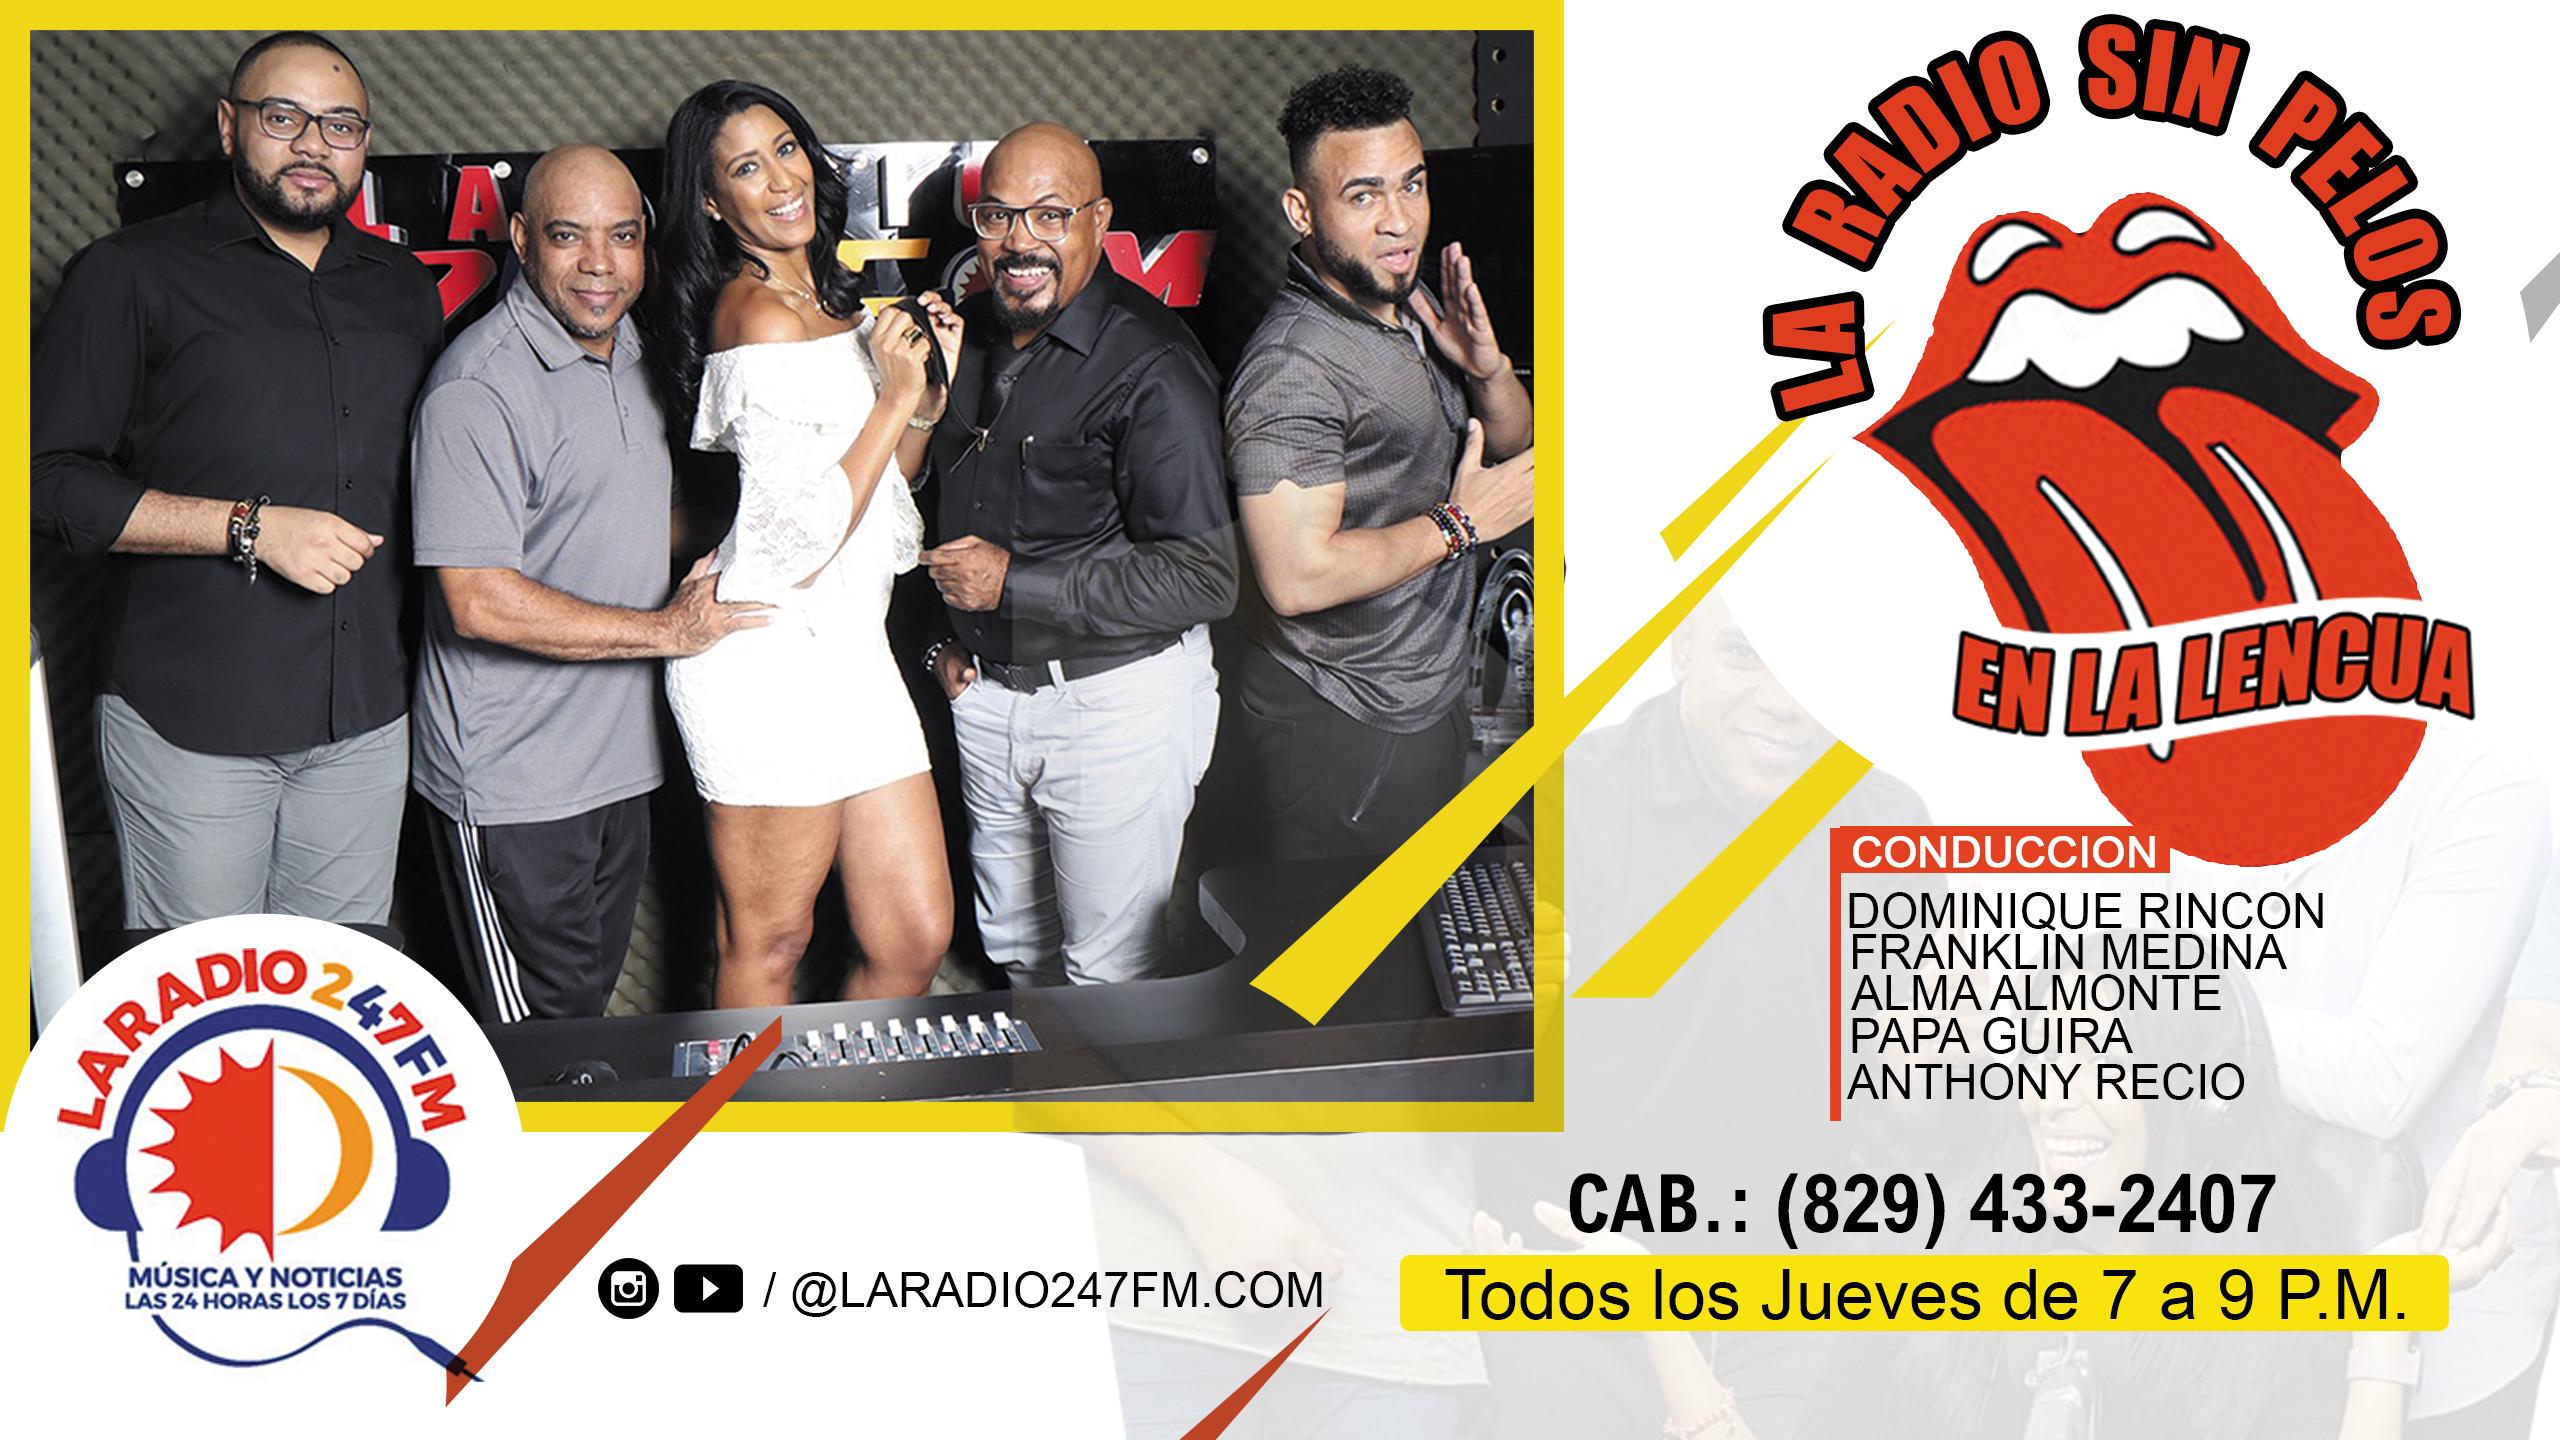 LARADIO SIN PELOS EN LA LENGUA BLOQUE 2 NAVIDAD #laradio247fm